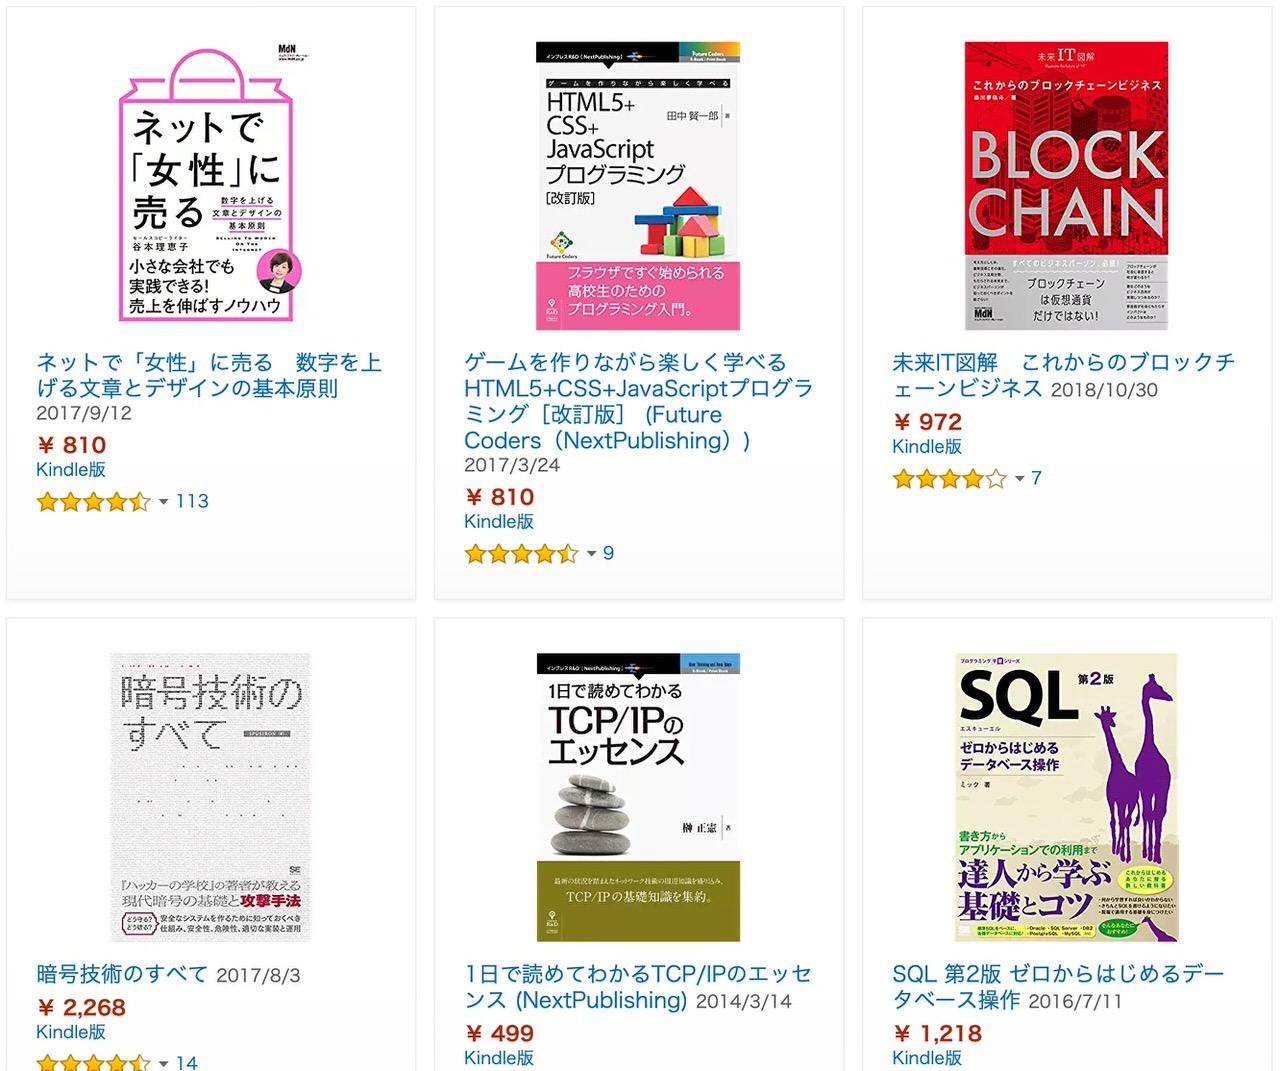 【Kindleセール】500冊以上が対象「春のIT入門書フェア」(3/28まで)